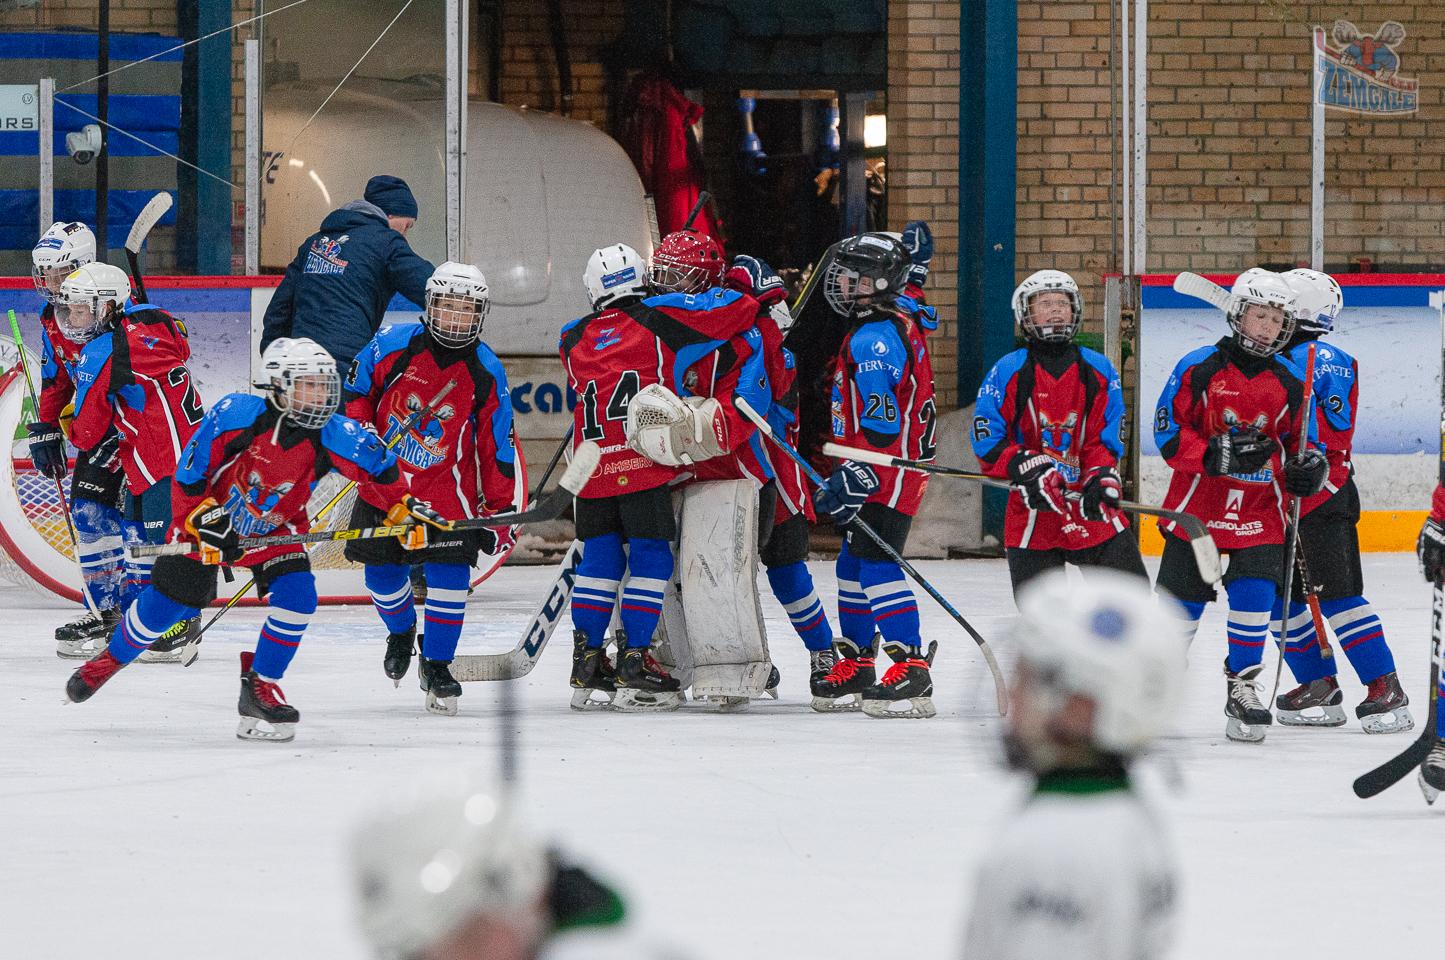 Jelgavas hokeja skola JLSS U11 A - Liepāja SSS 2010 LBJČH 13102019-22